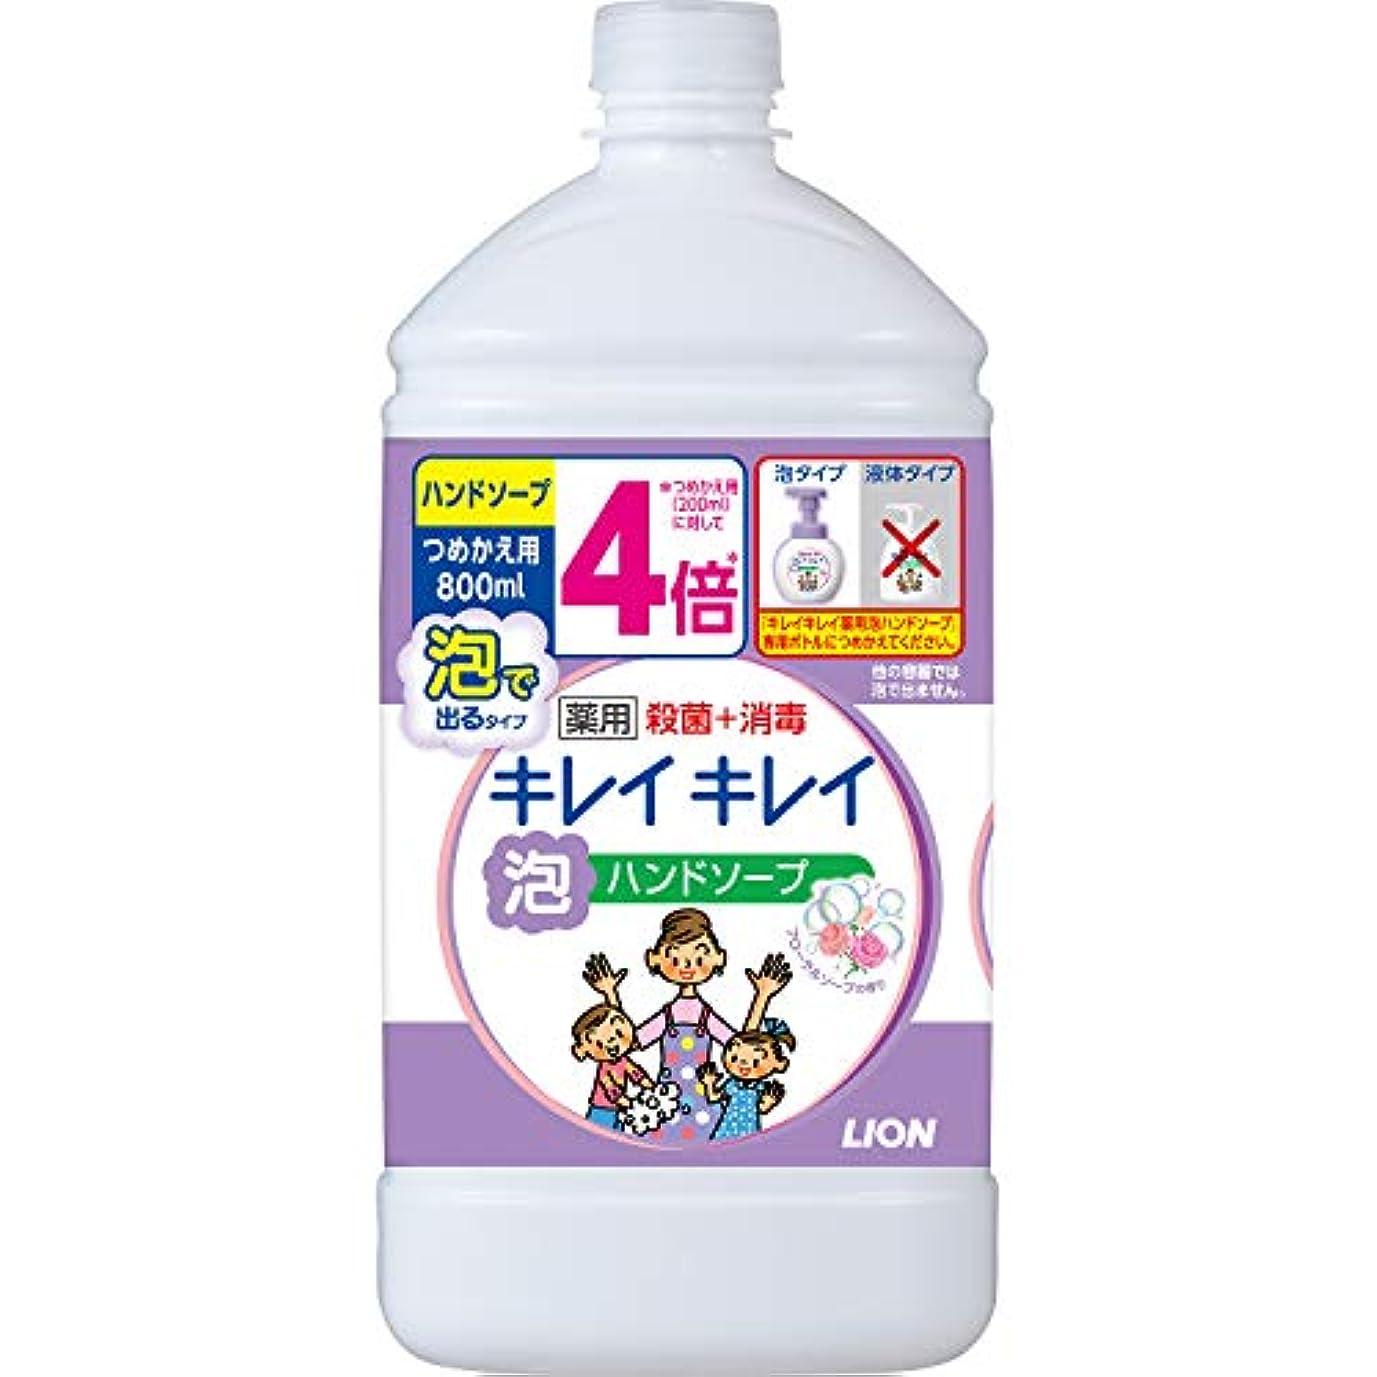 悪いカートンレンダー(医薬部外品)【大容量】キレイキレイ 薬用 泡ハンドソープ フローラルソープの香り 詰め替え 特大 800ml